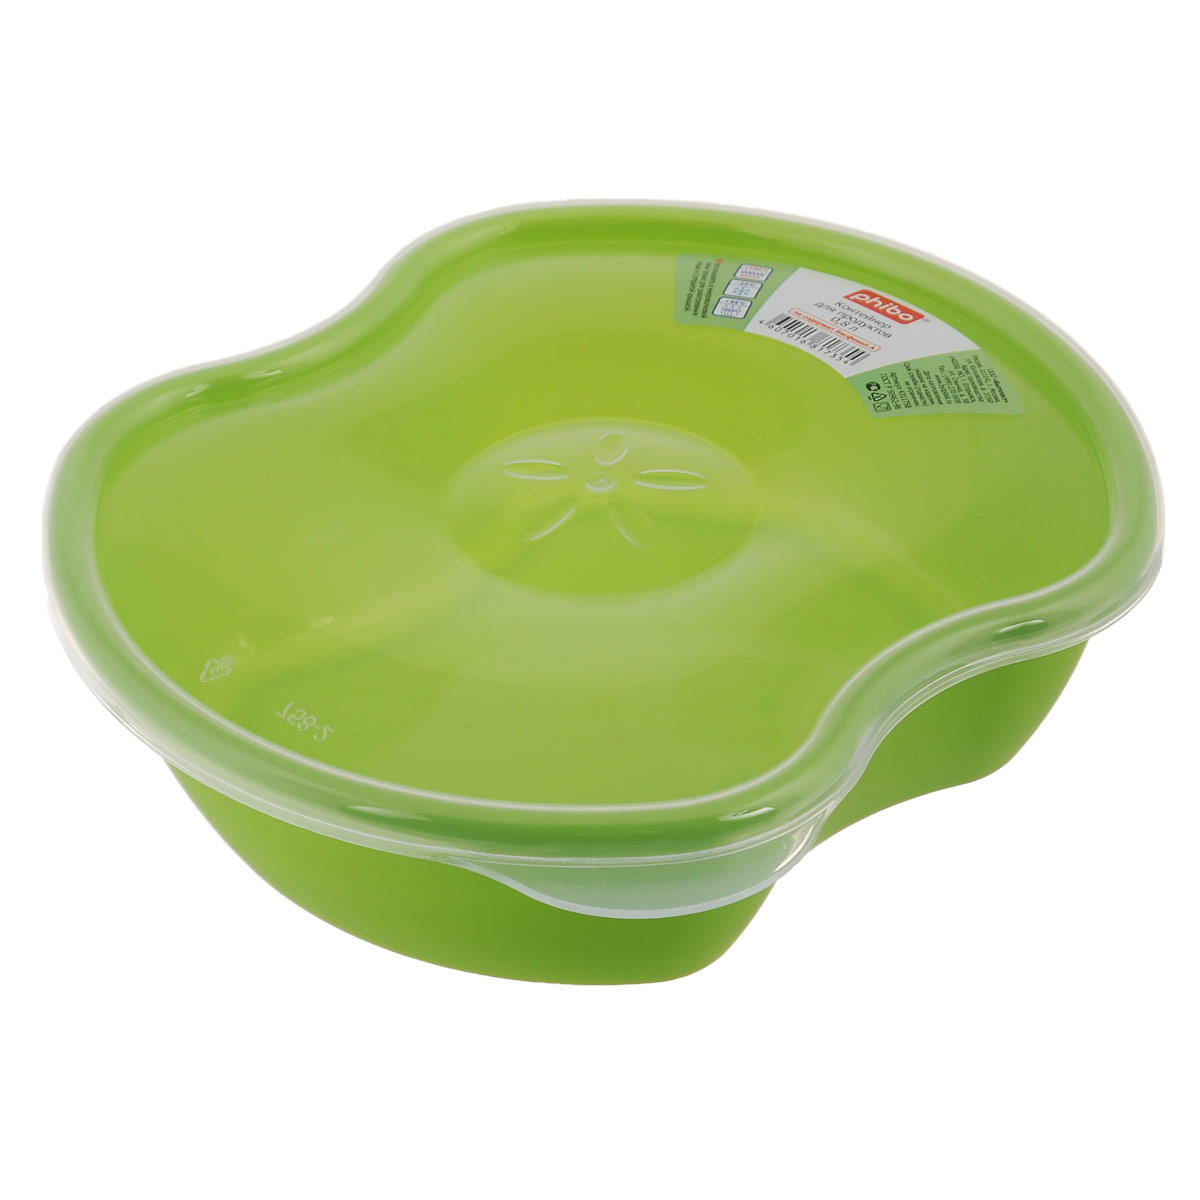 Контейнер для пищевых продуктов Phibo Eco Style, 0,8 л709_белый/голубойКонтейнер Phibo Eco Style изготовлен из высококачественного пластика, без содержания бисфенола А. Контейнер выполнен в форме разрезанного яблока, а декор в центре крышки напоминает сердцевину фрукта. Крышка прозрачная, легко и плотно закрывается. Контейнер устойчив к воздействию масел и жиров, легко моется. Подходит для использования в микроволновых печах, выдерживает хранение в морозильной камере, его можно мыть в посудомоечной машине.